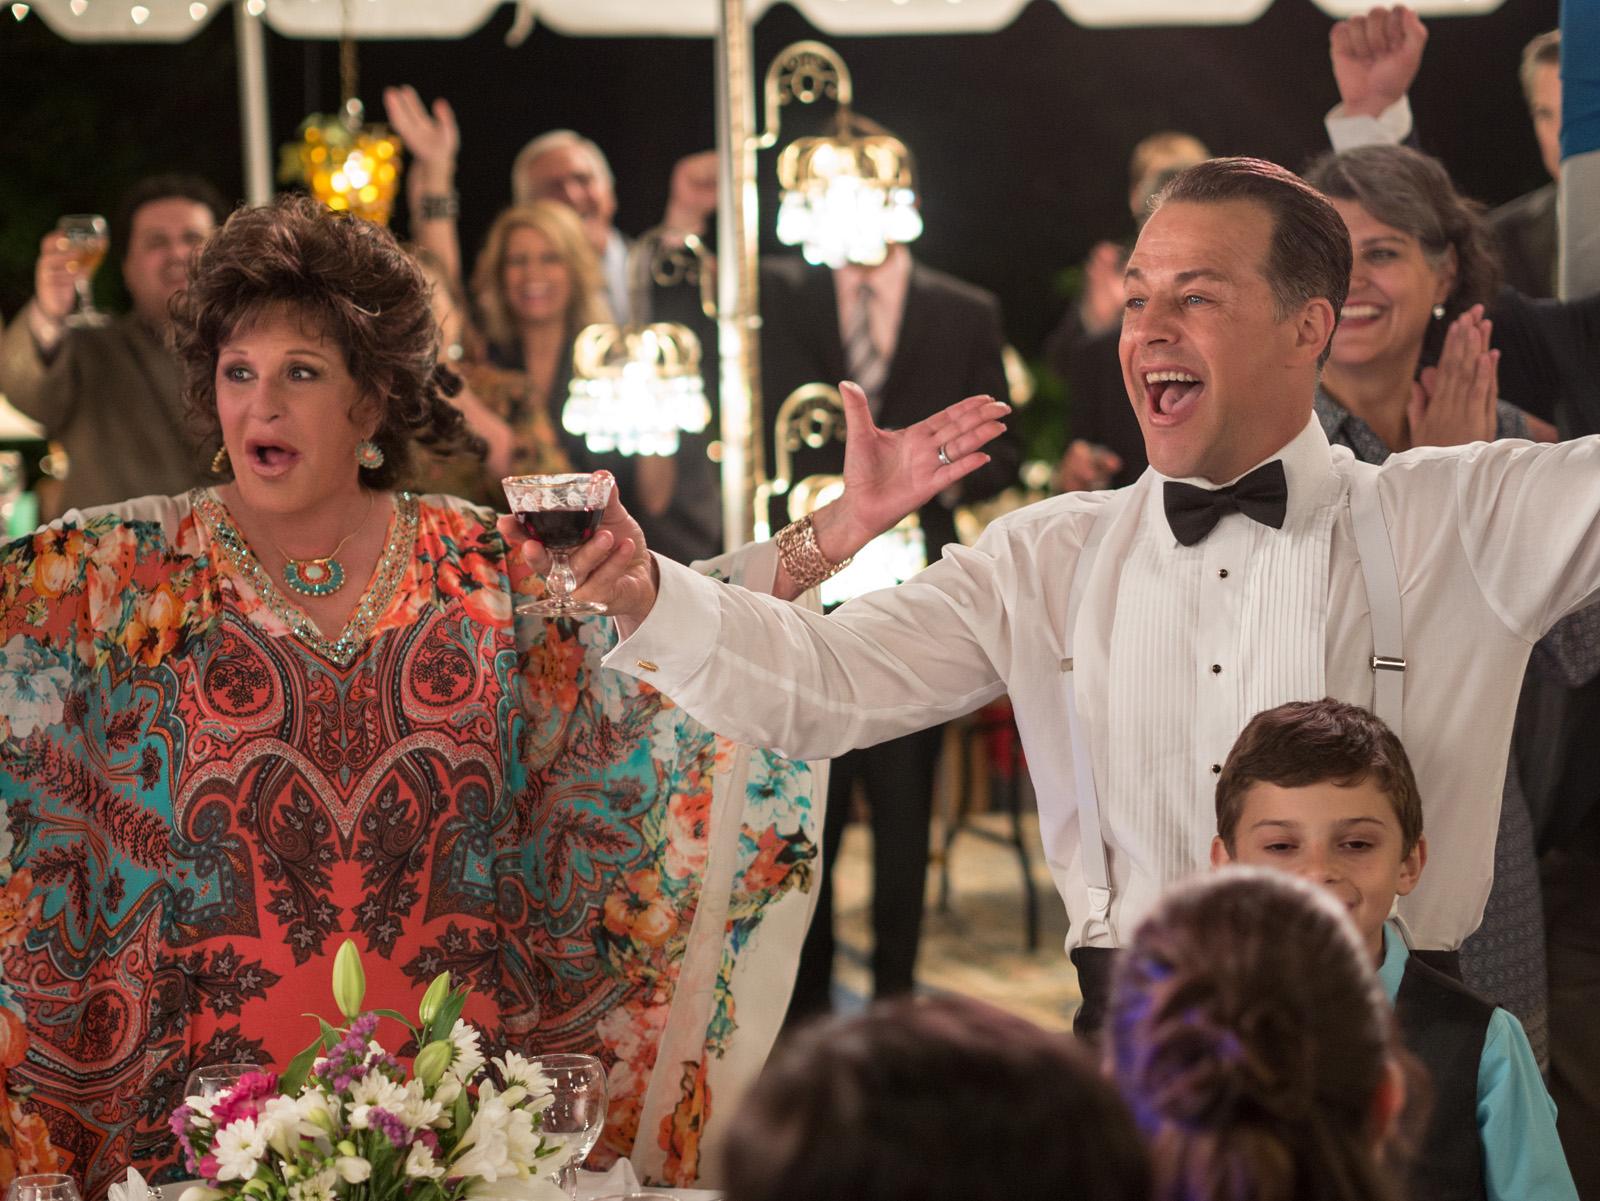 Mariage à la grecque 2 DVDRip